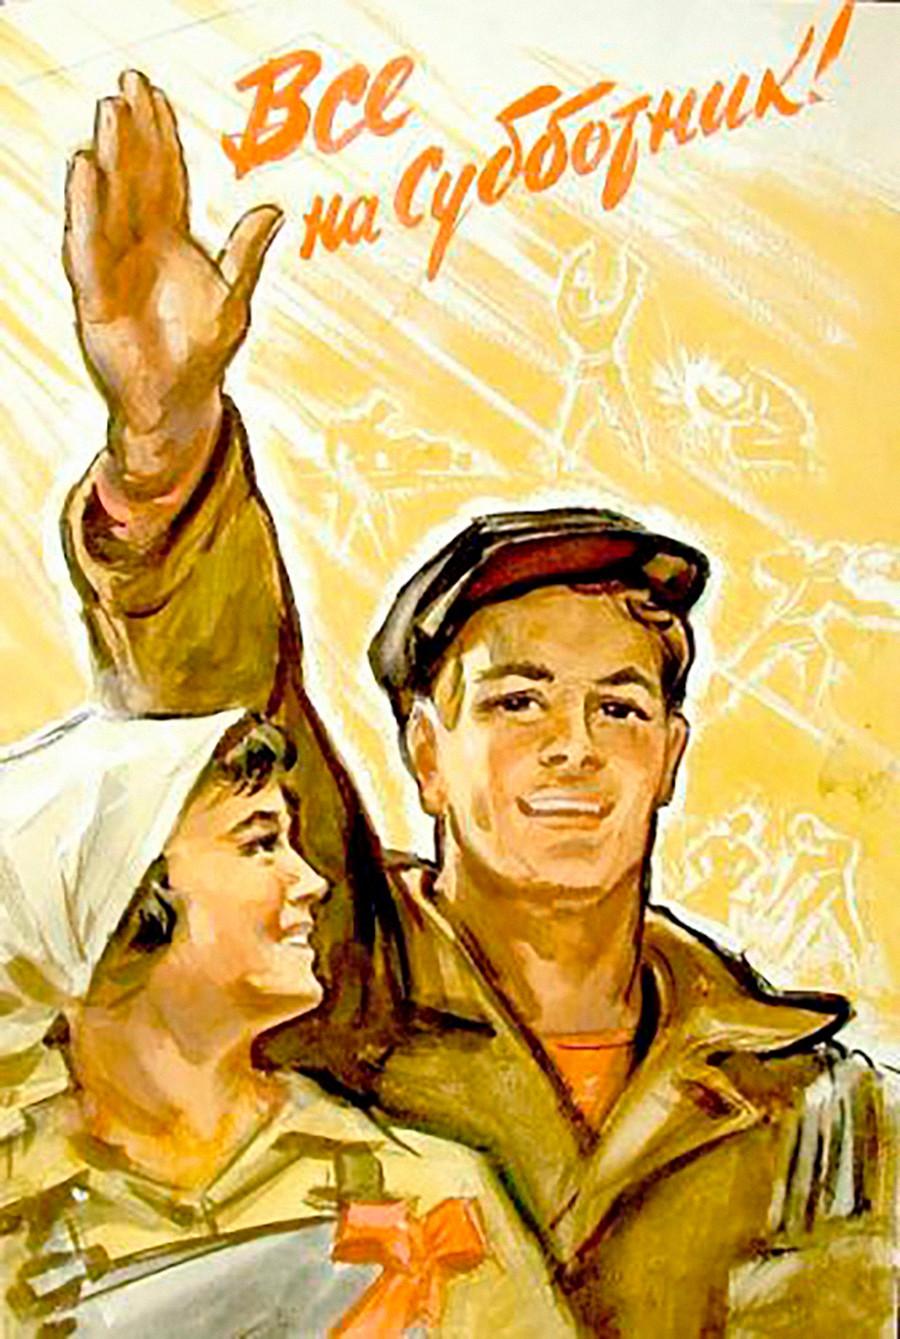 Affiche « Tous au soubbotnik »